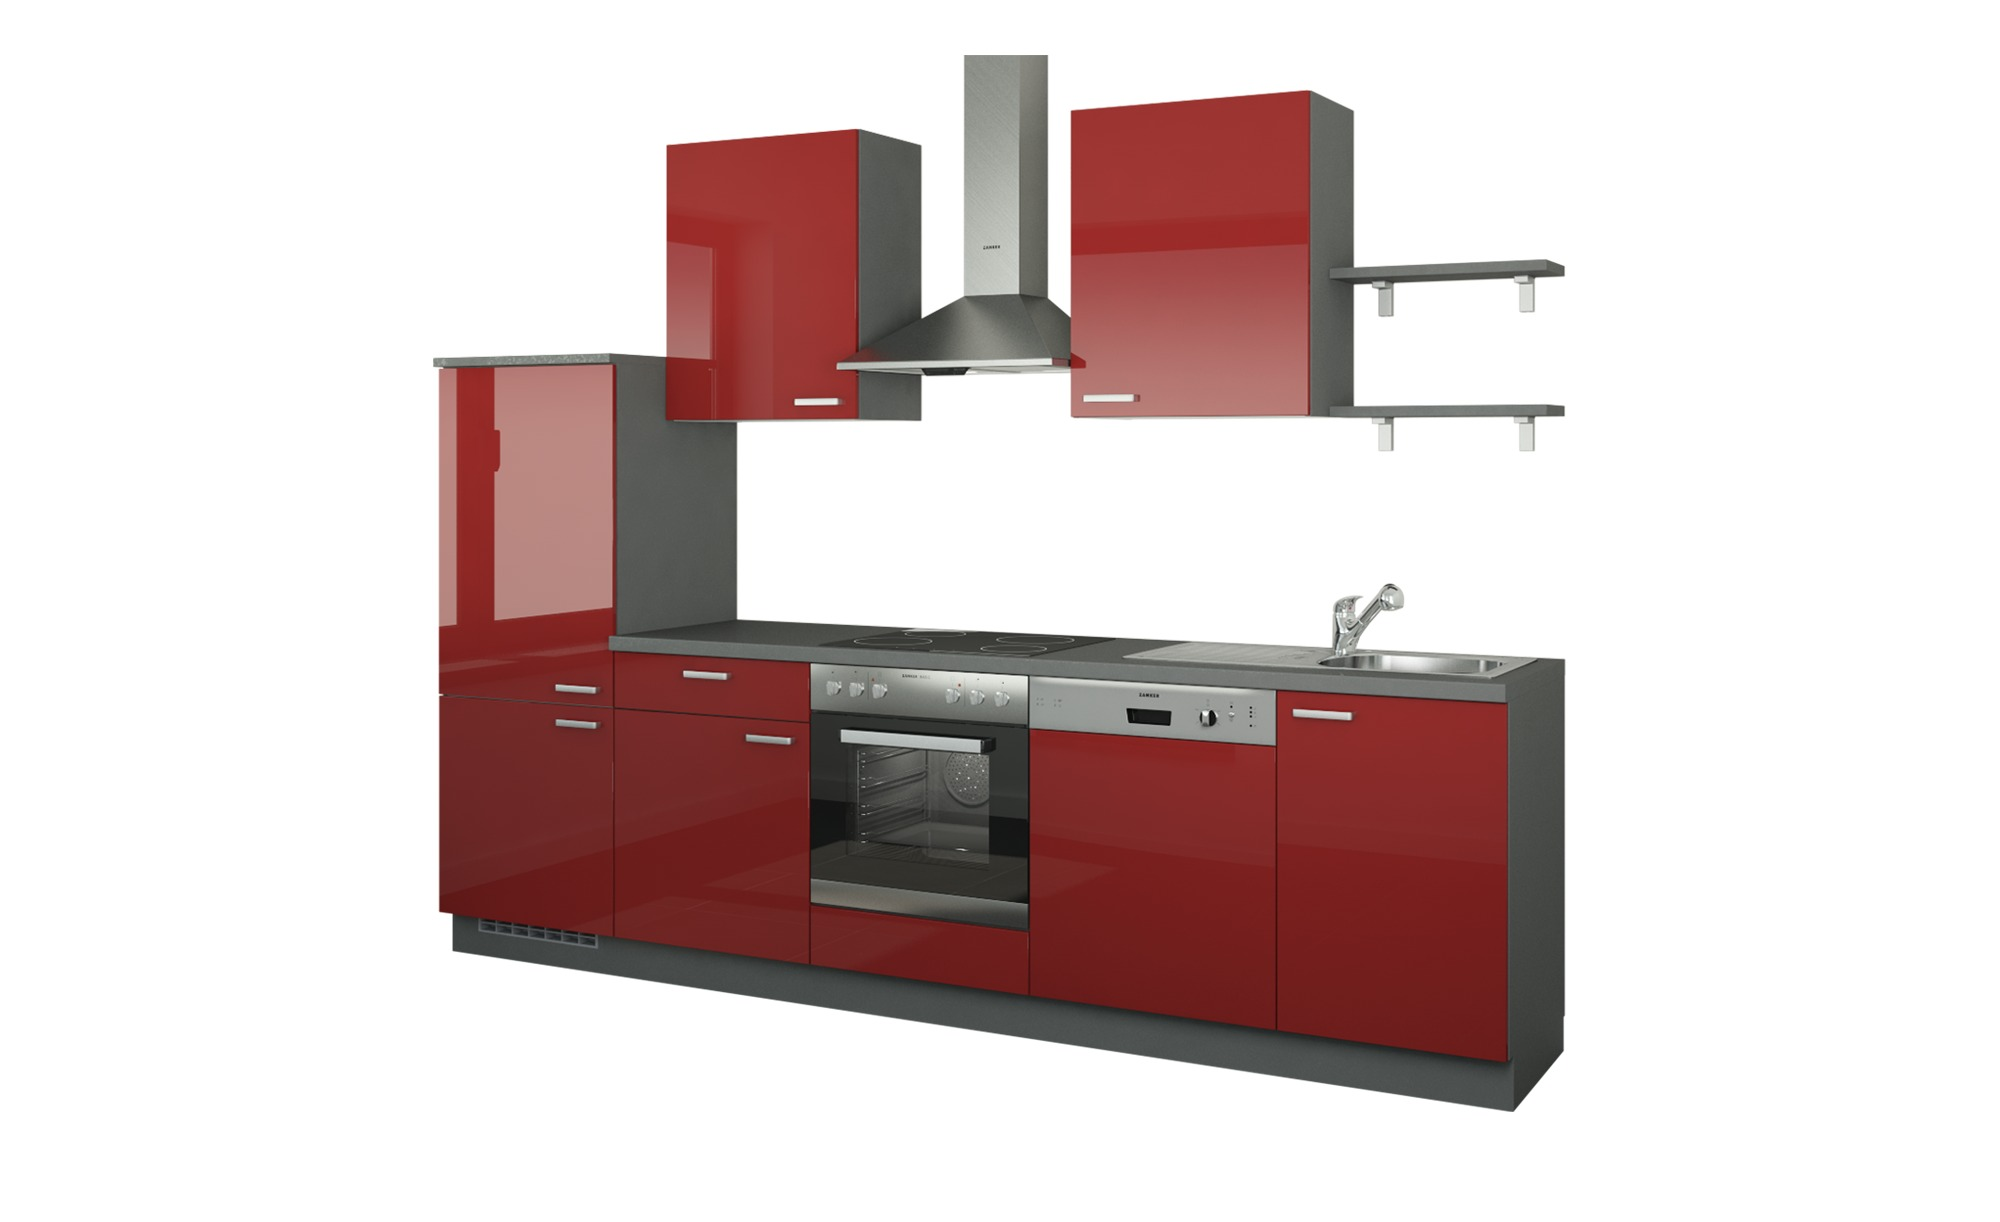 Küchenzeile ohne Elektrogeräte  Köln ¦ rot ¦ Maße (cm): B: 290 Küchen > Küchenblöcke ohne E-Geräte - Höffner | Küche und Esszimmer > Küchen | Möbel Höffner DE